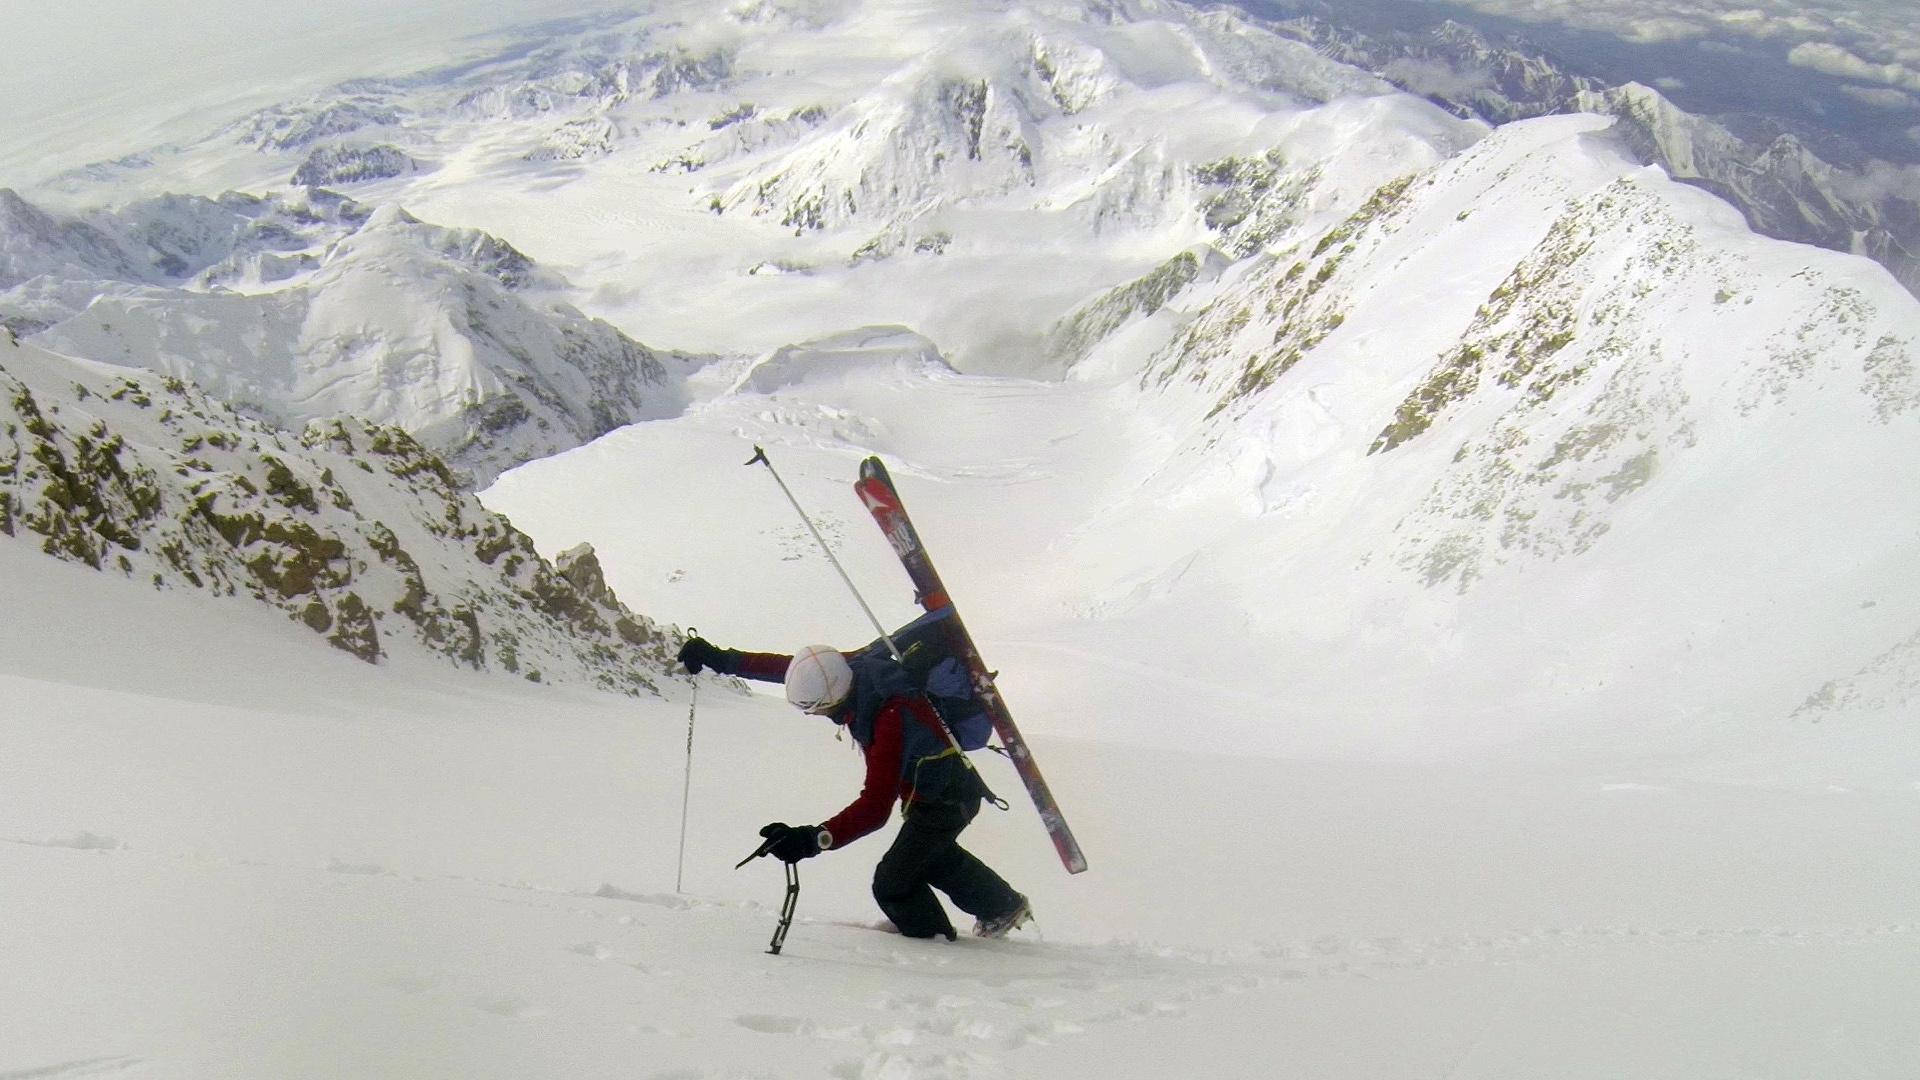 Kilian Jornet: Crónica personal del frustrado asalto al Everest 2016. Summits of my Life.